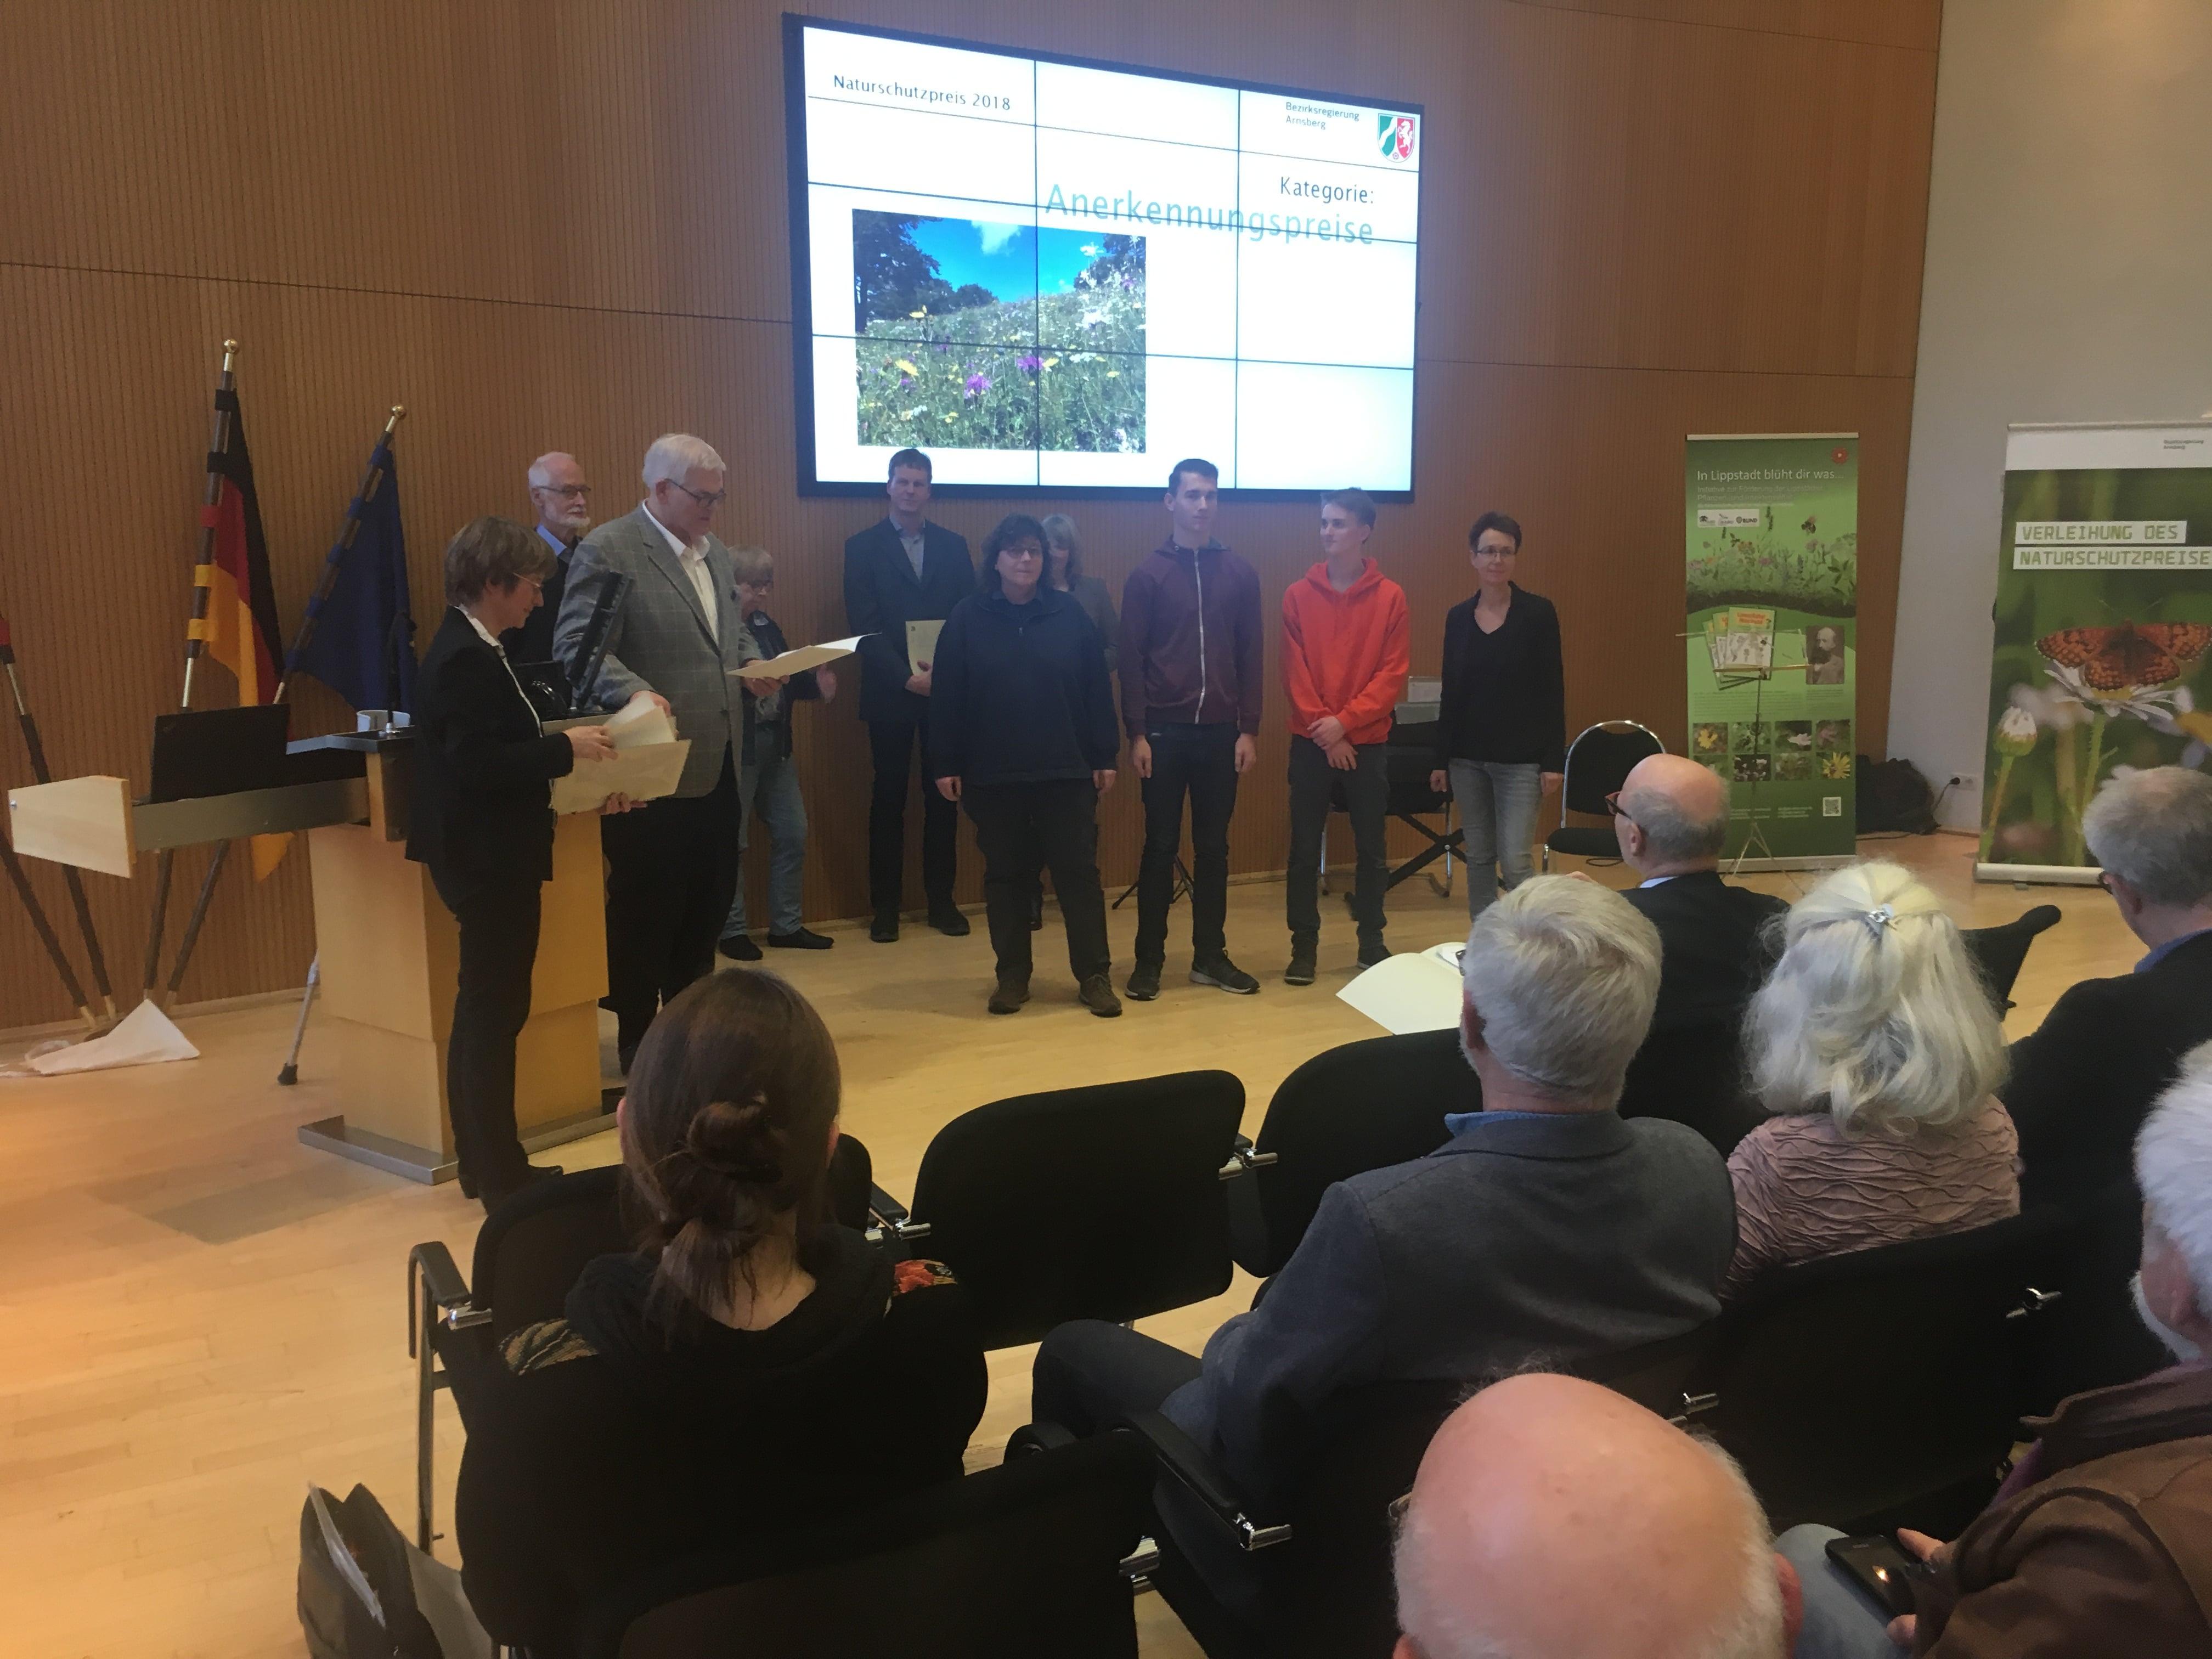 Naturschutzpreis 2018